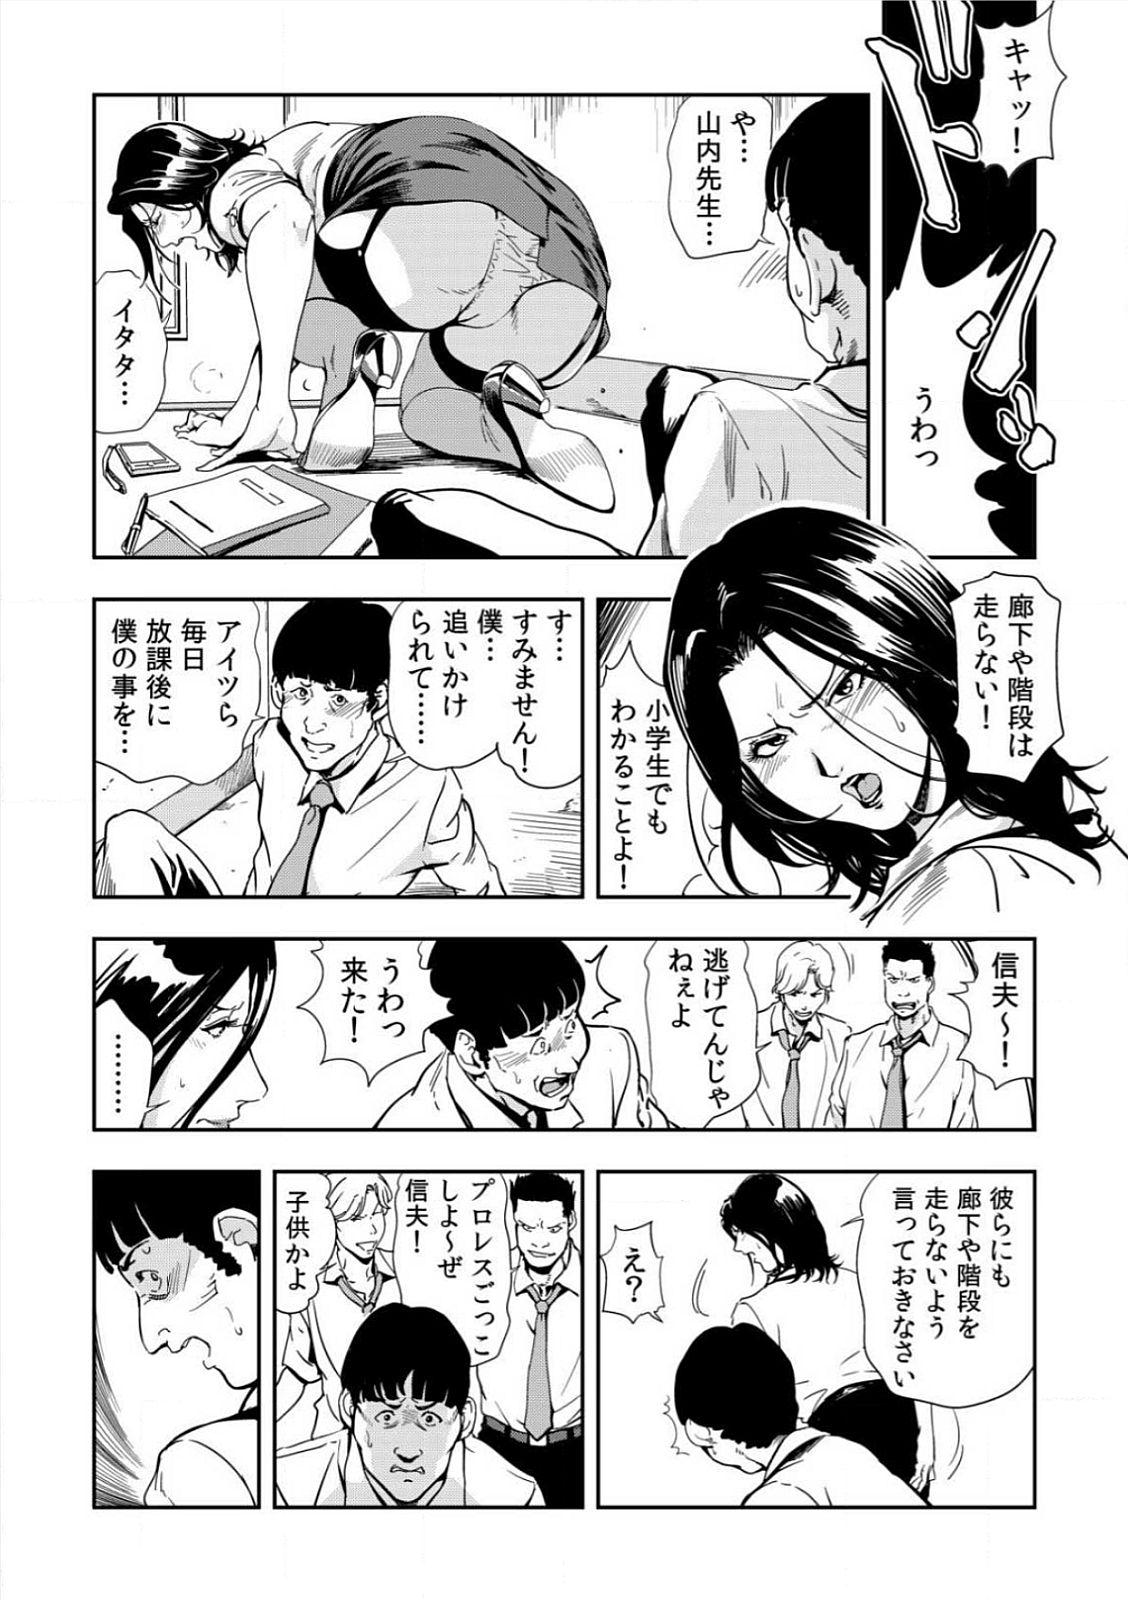 [Misaki Yukihiro] Kyousei Shidou ~Mechakucha ni Kegasarete~ (1)~(6) [Digital] 81